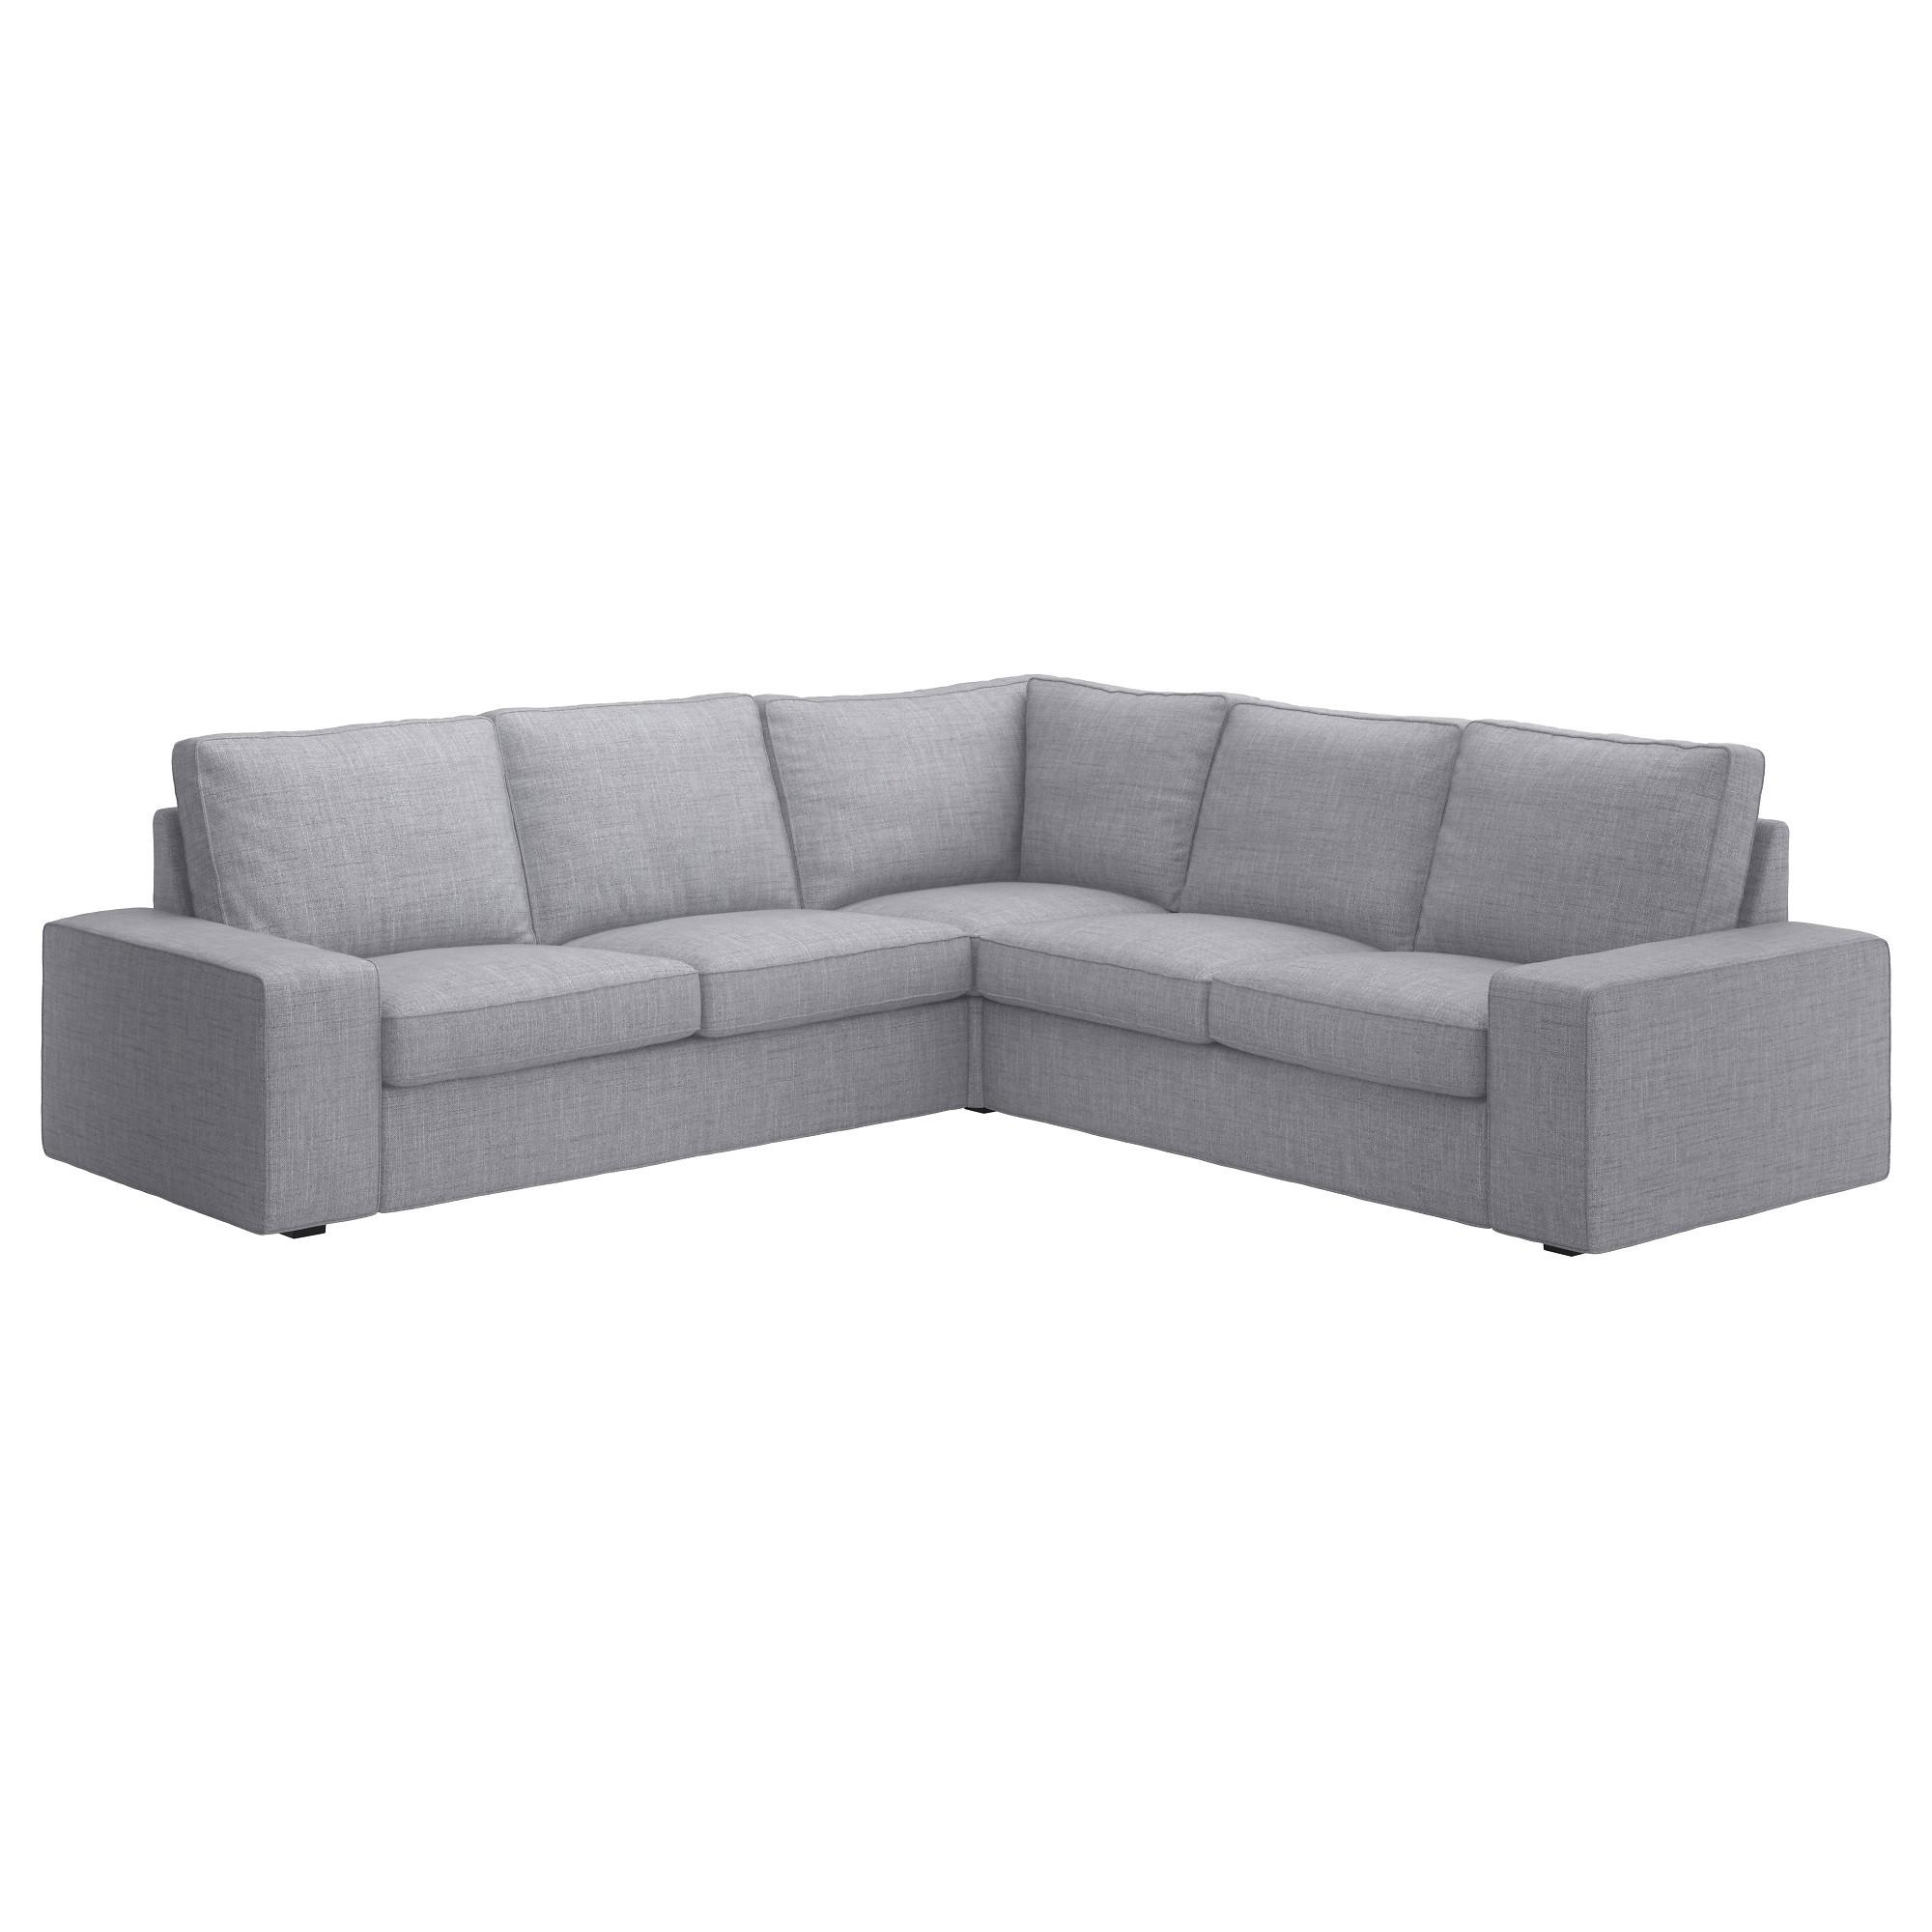 Canape Angle Ikea 399